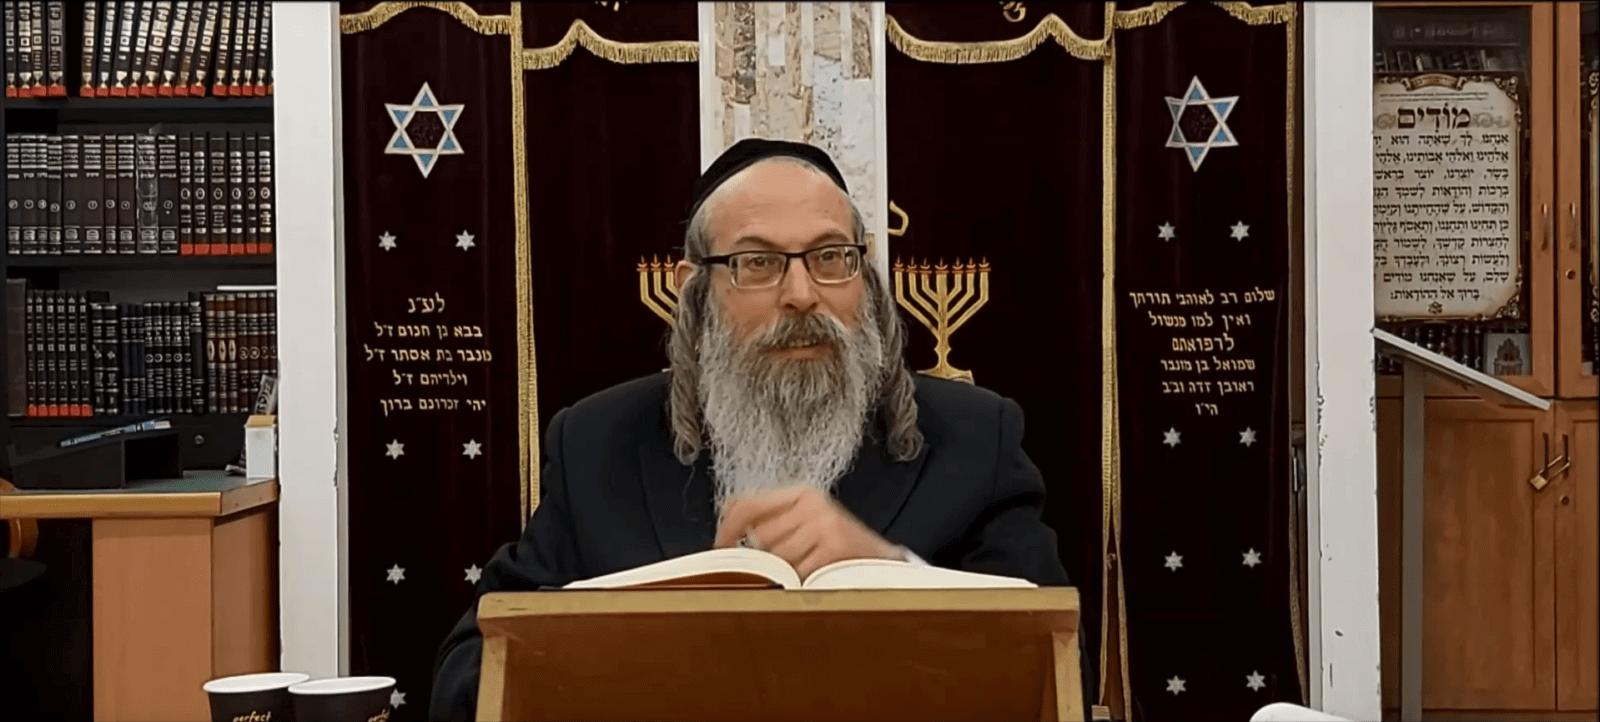 הרב אליהו גודלבסקי – להתחזק באמונת חכמים